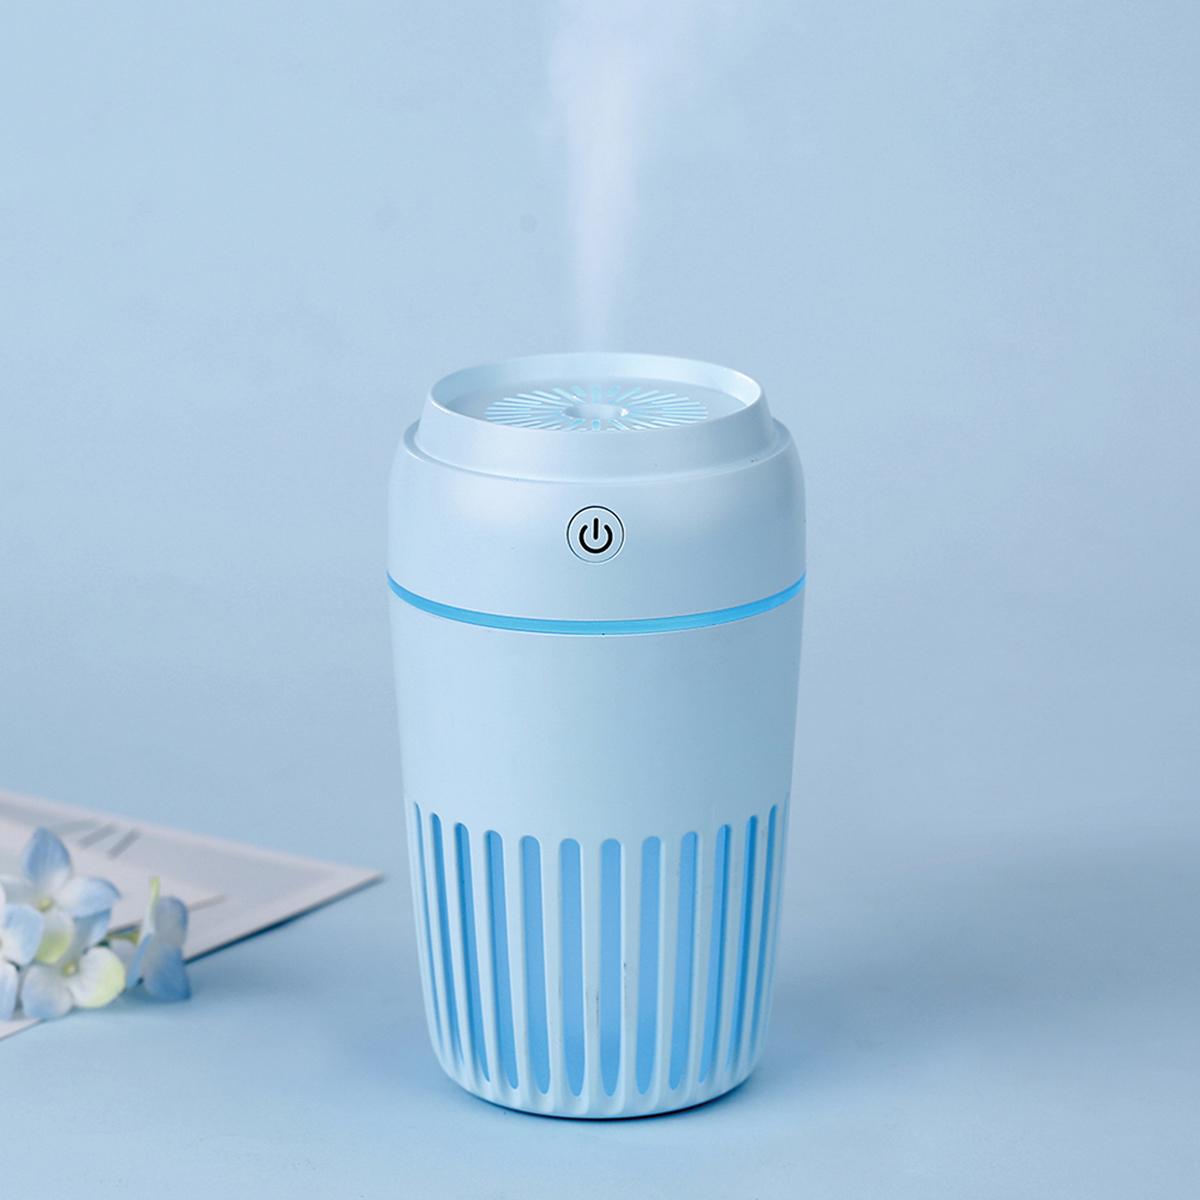 Platinet - Misty - lucht bevochtiger 300ml, LED lamp, timer, werkt ook met geur olie, blauw